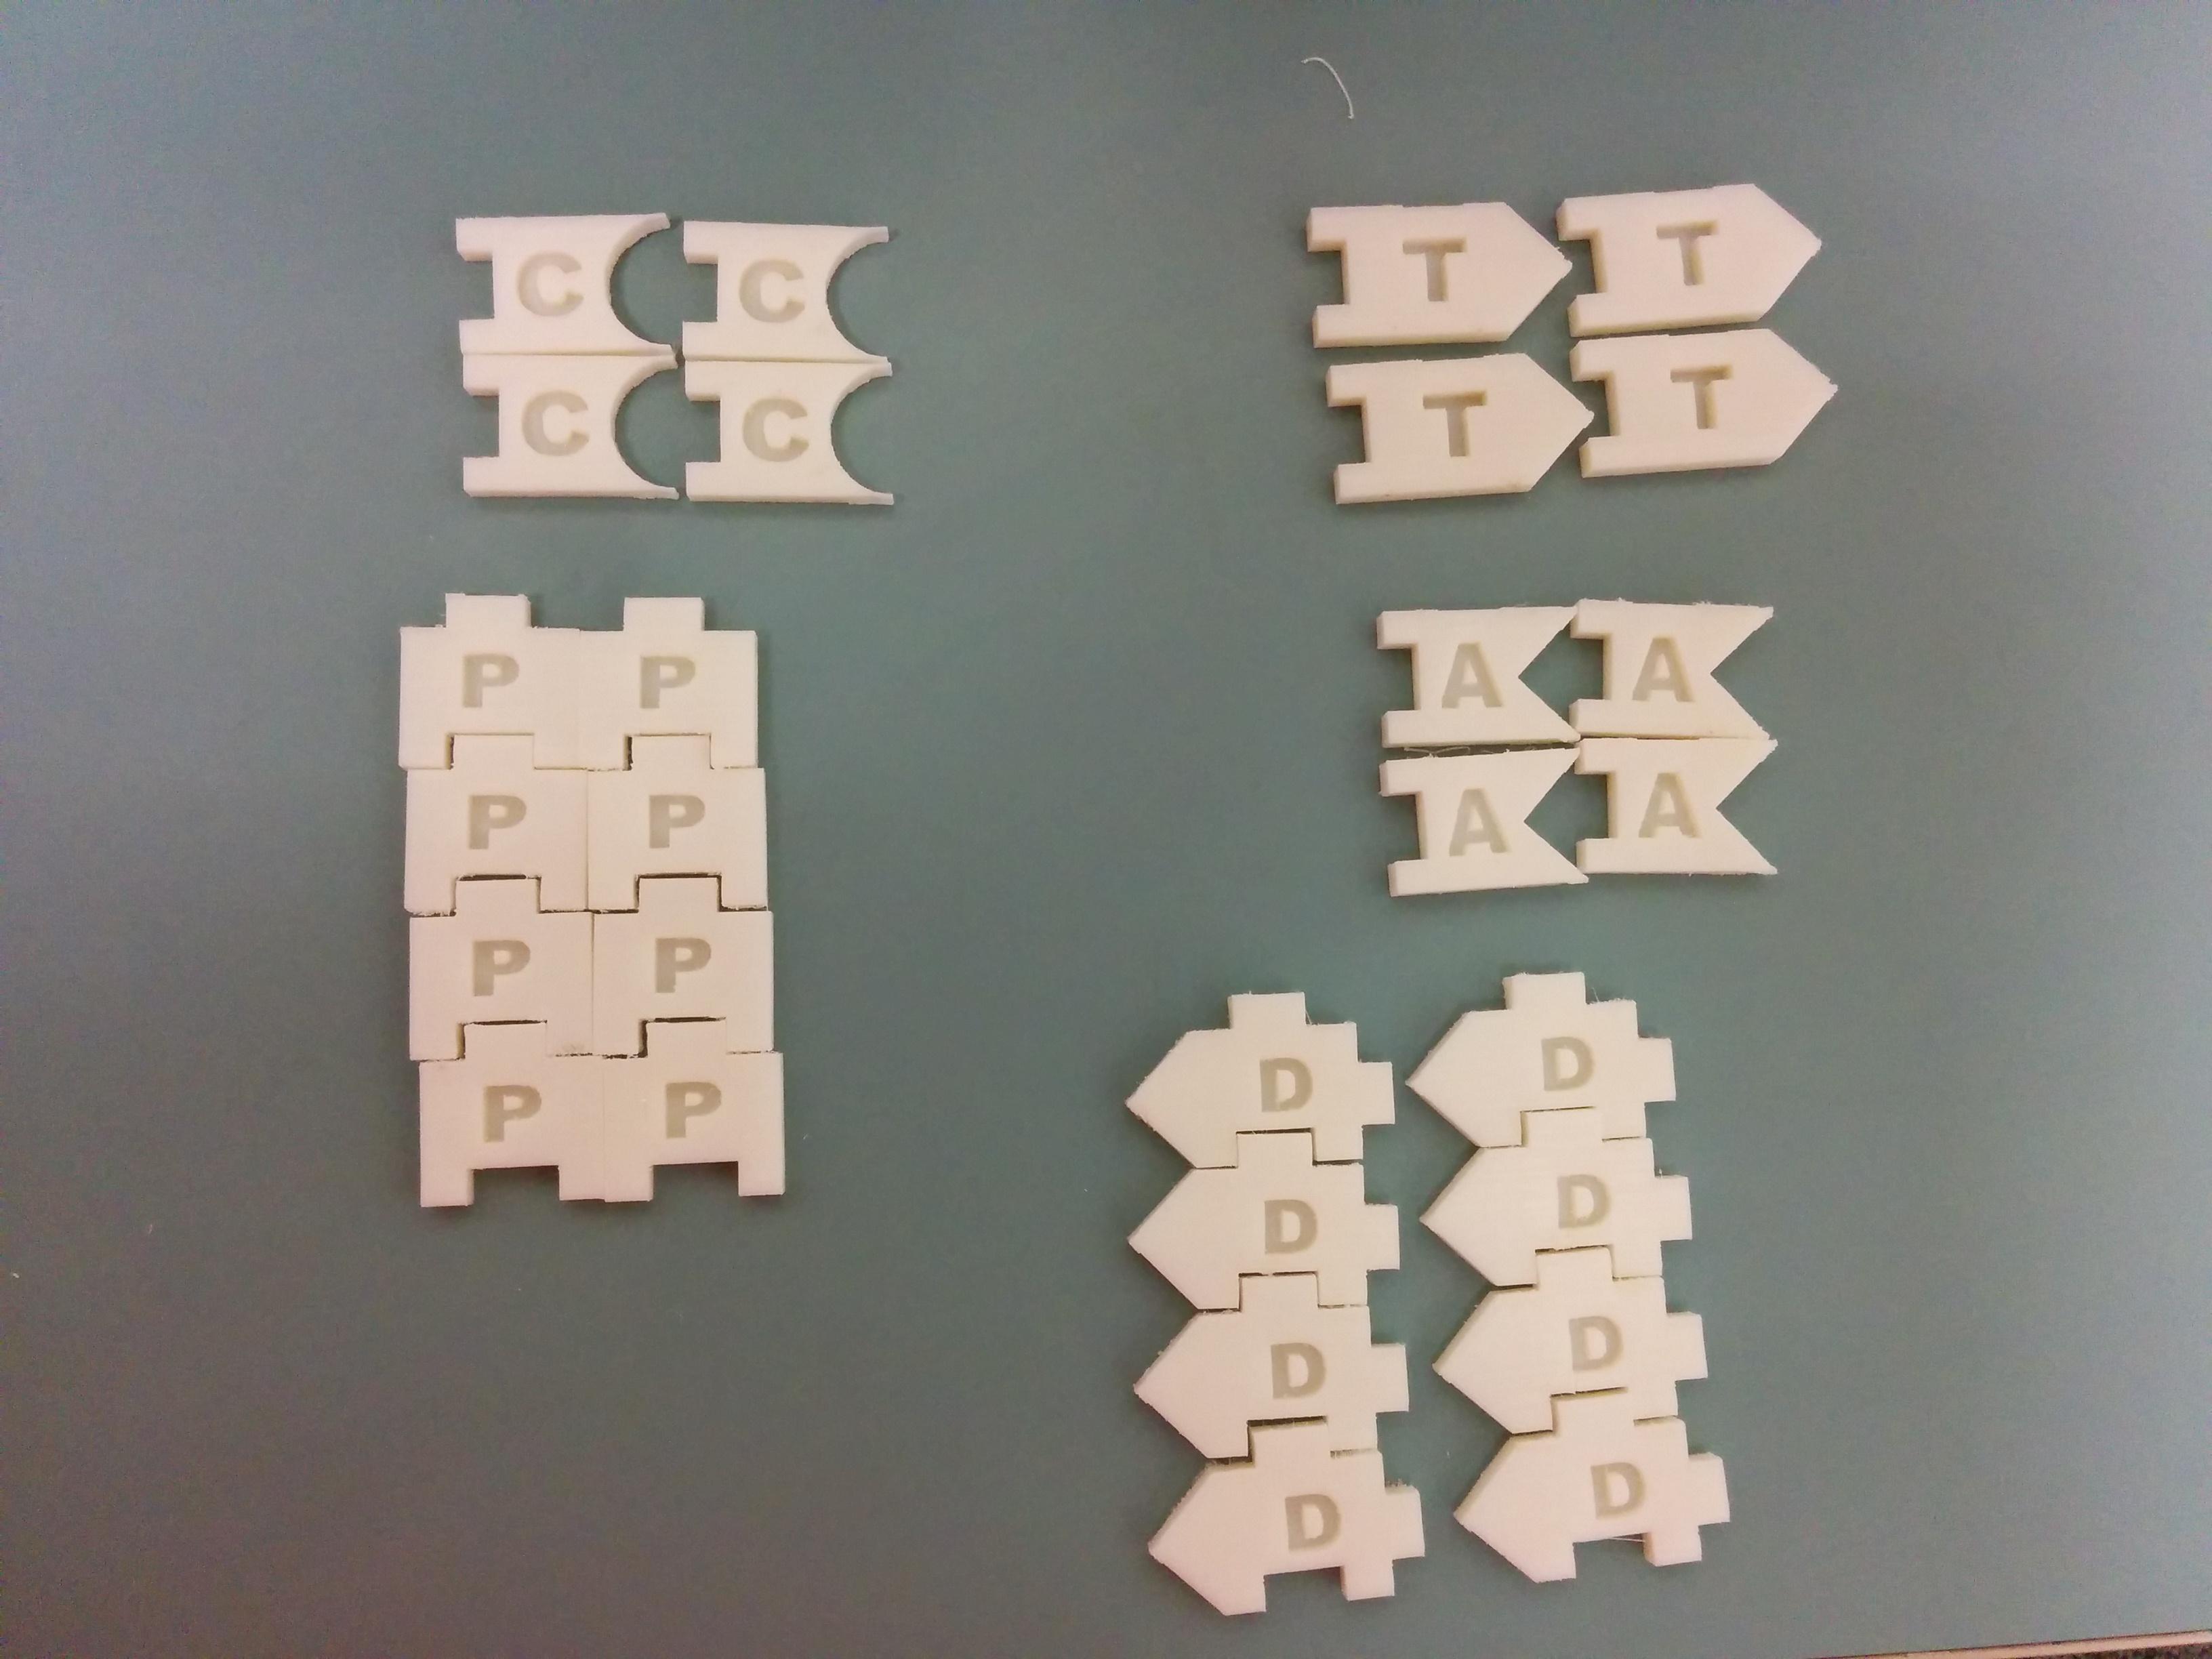 3D model of DNA set pieces